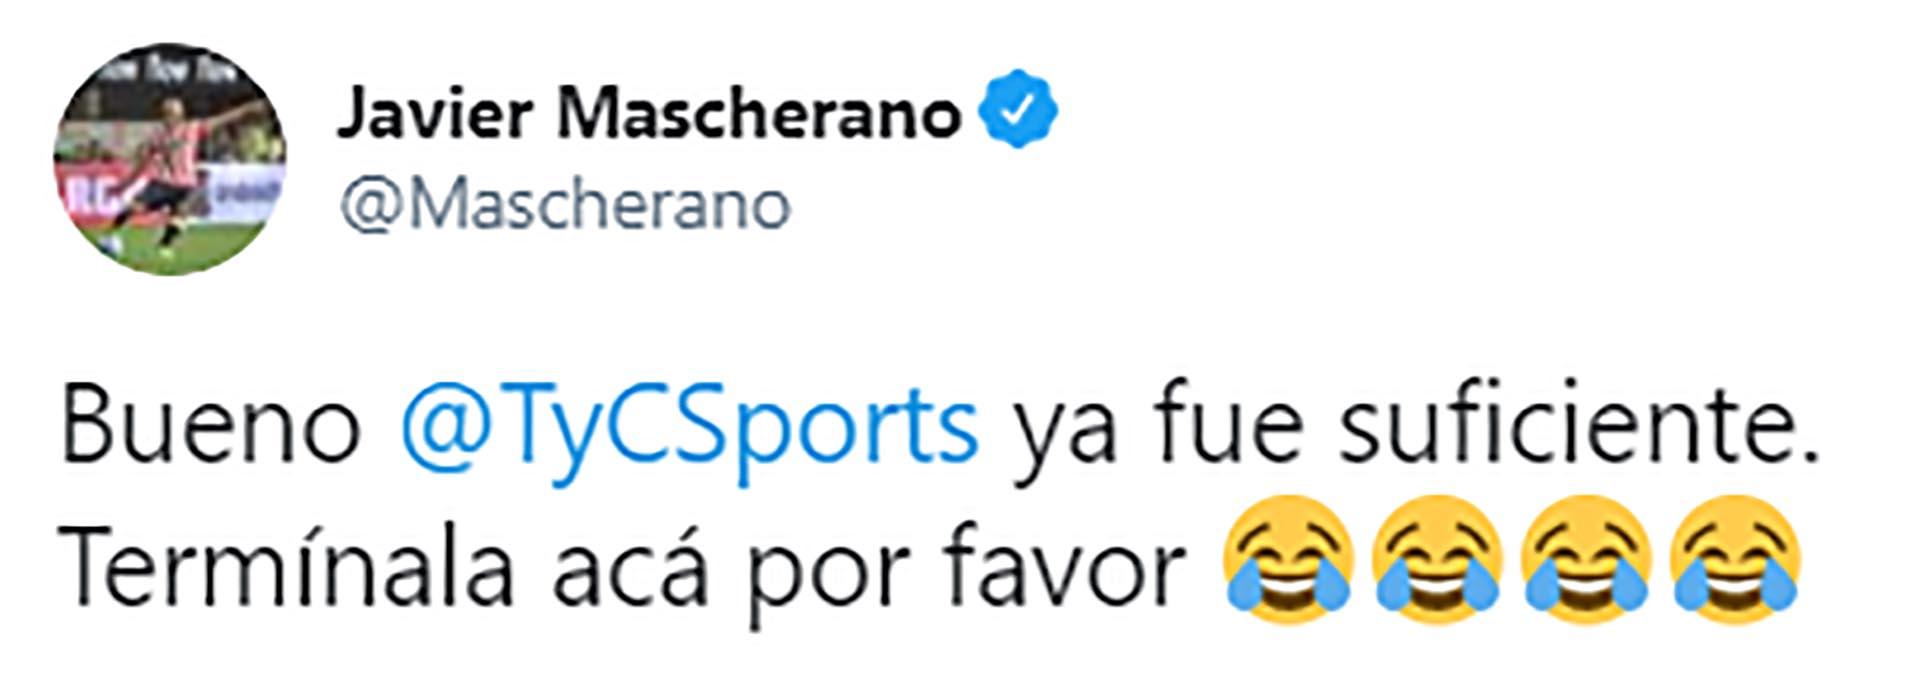 Twitter @Mascherano